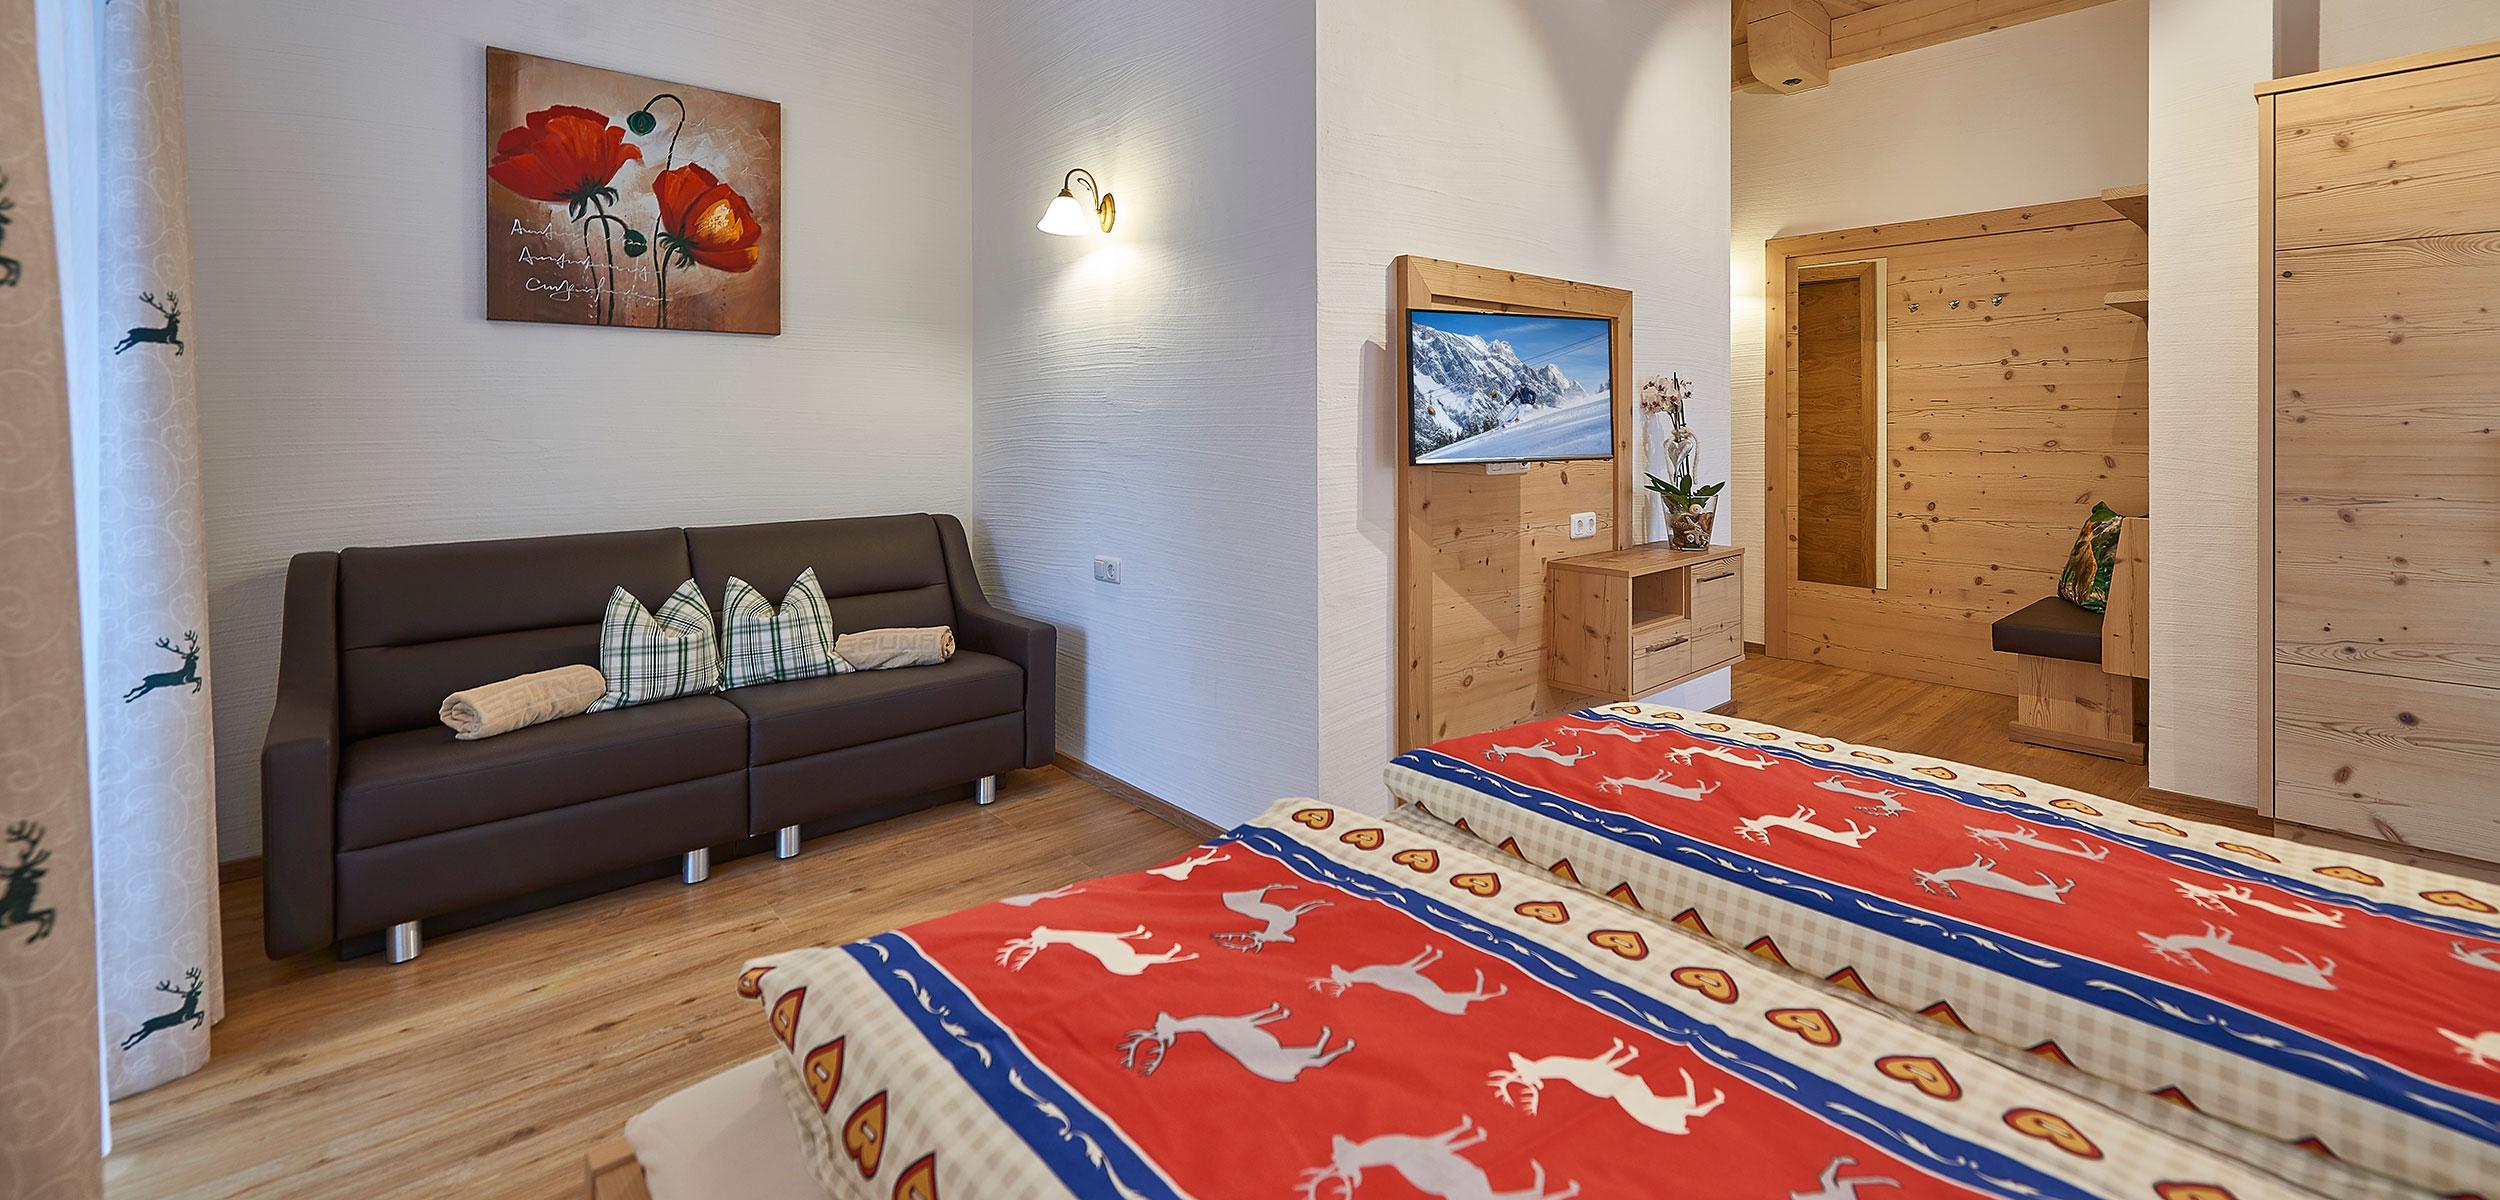 Chalet - Schlaf/Wohnbereich